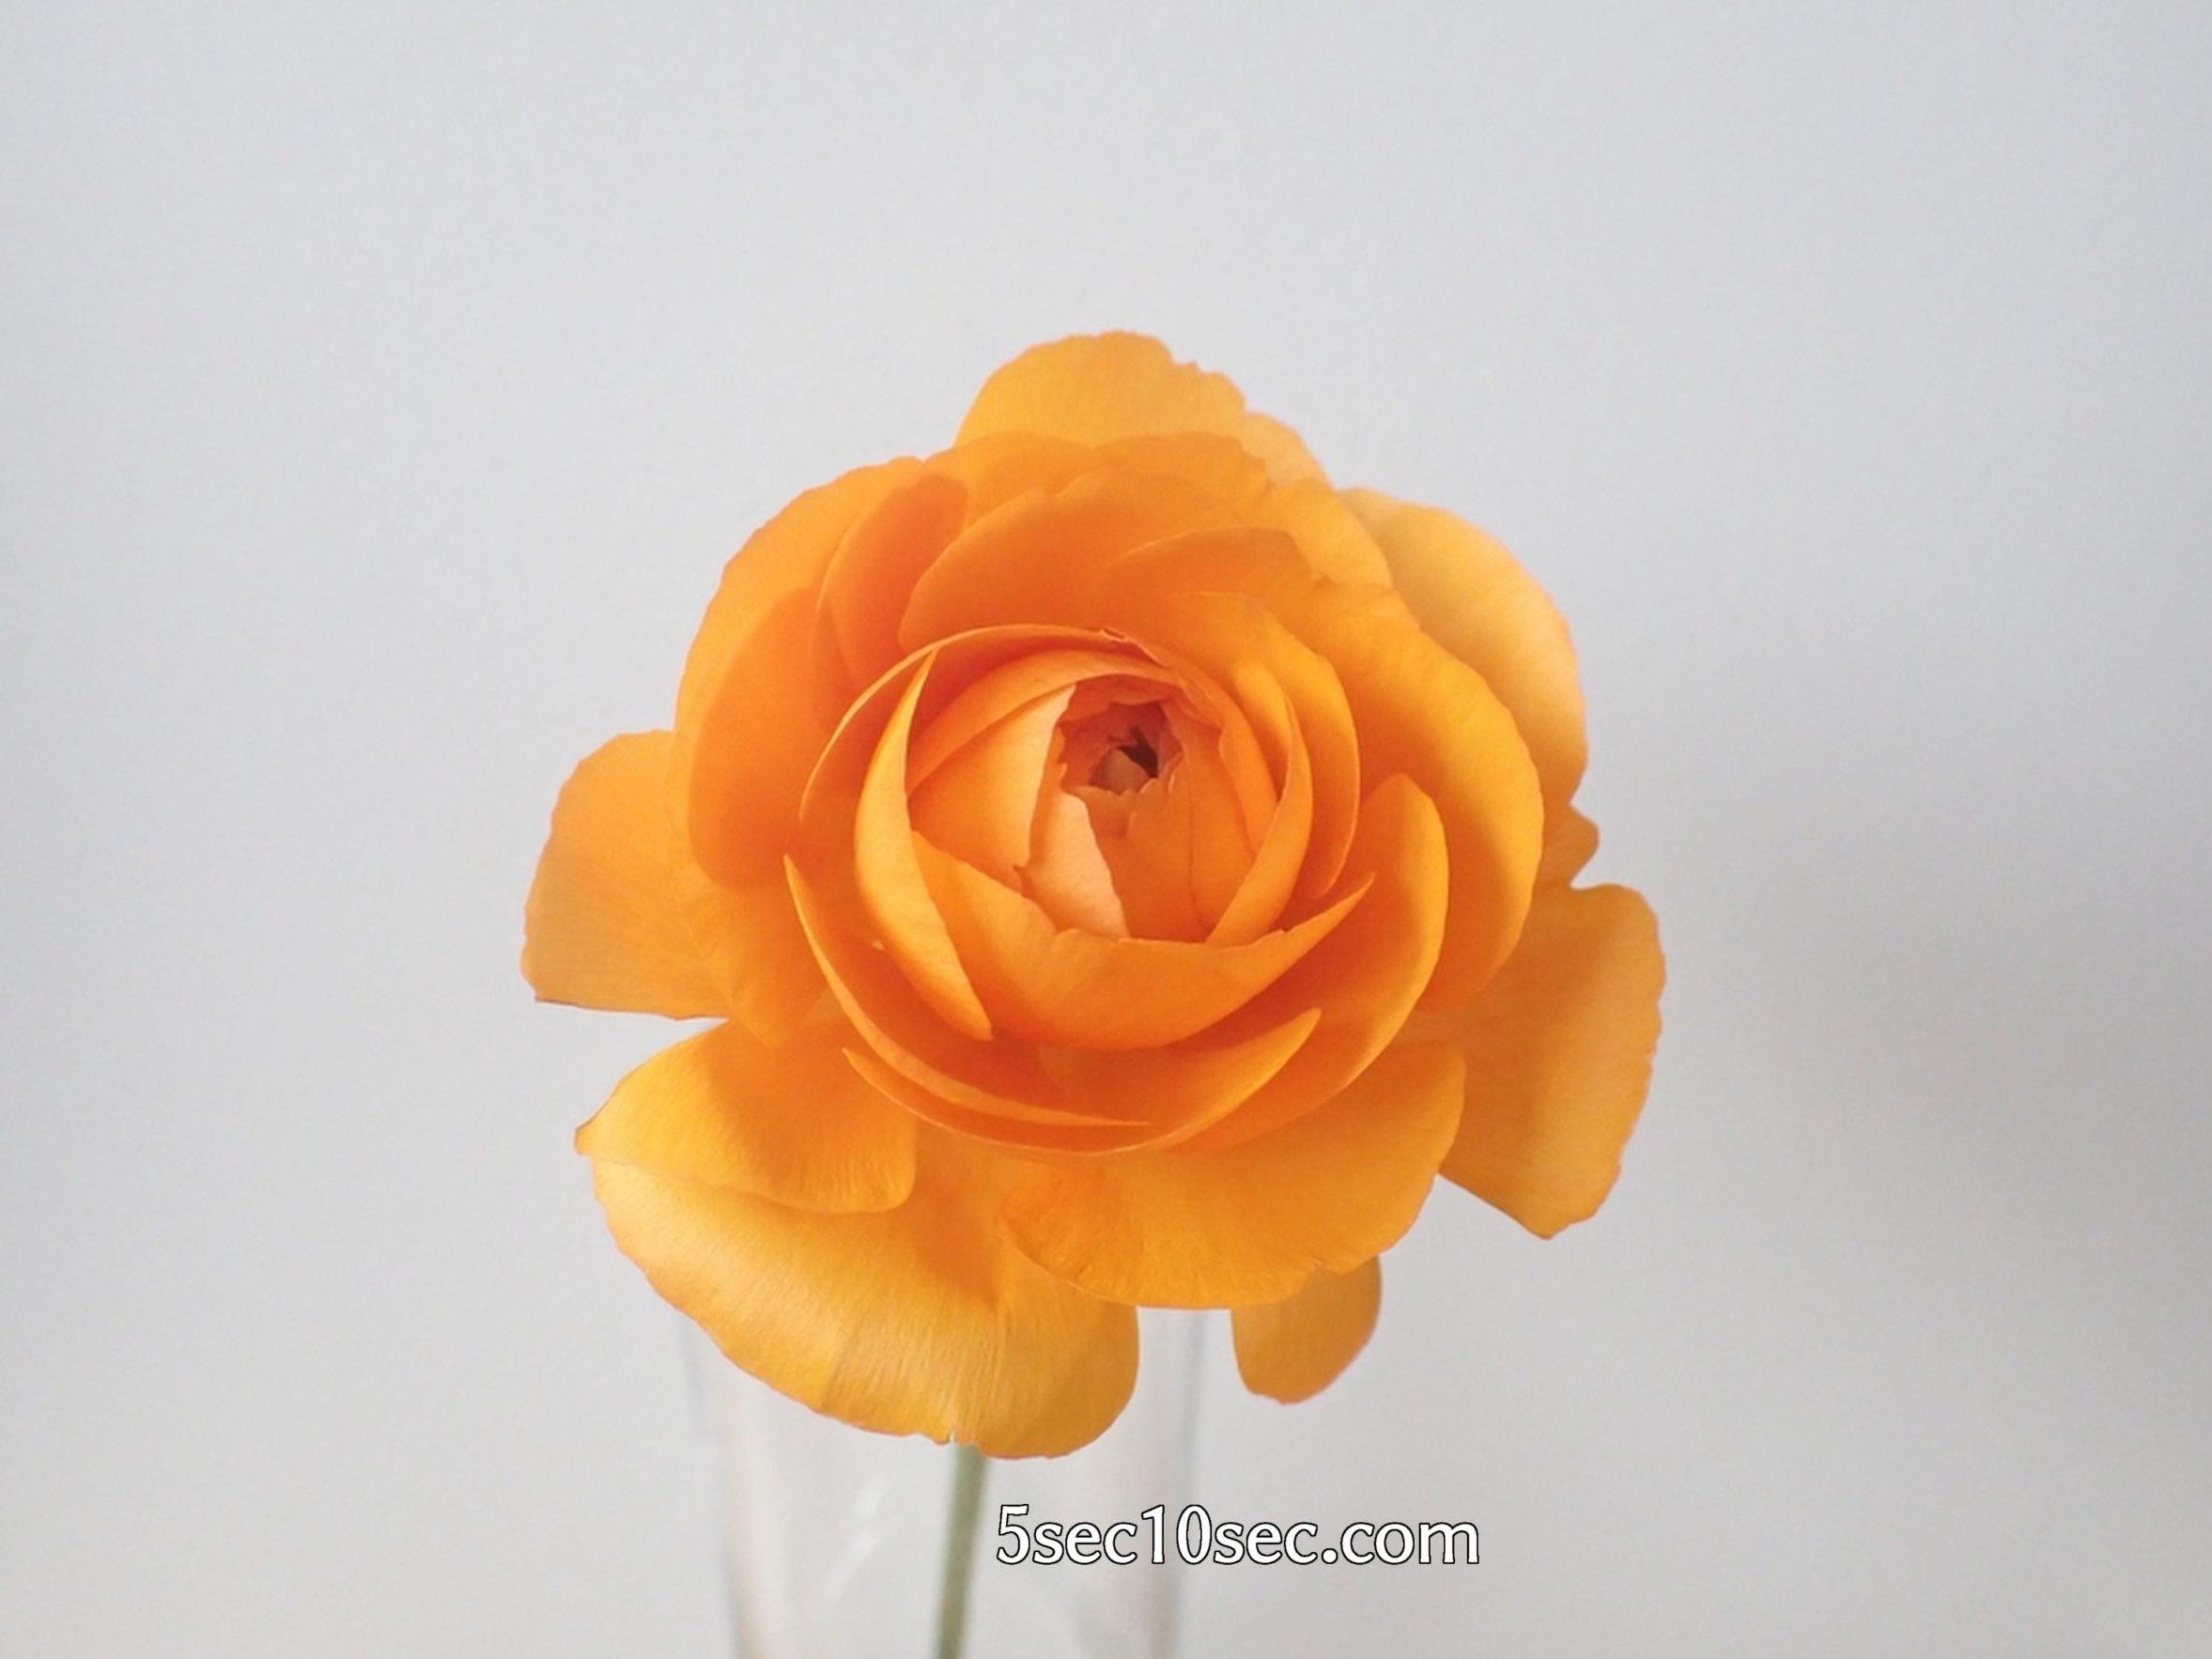 株式会社Crunch Style お花の定期便 Bloomee LIFE ブルーミーライフ レギュラープラン ラナンキュラス